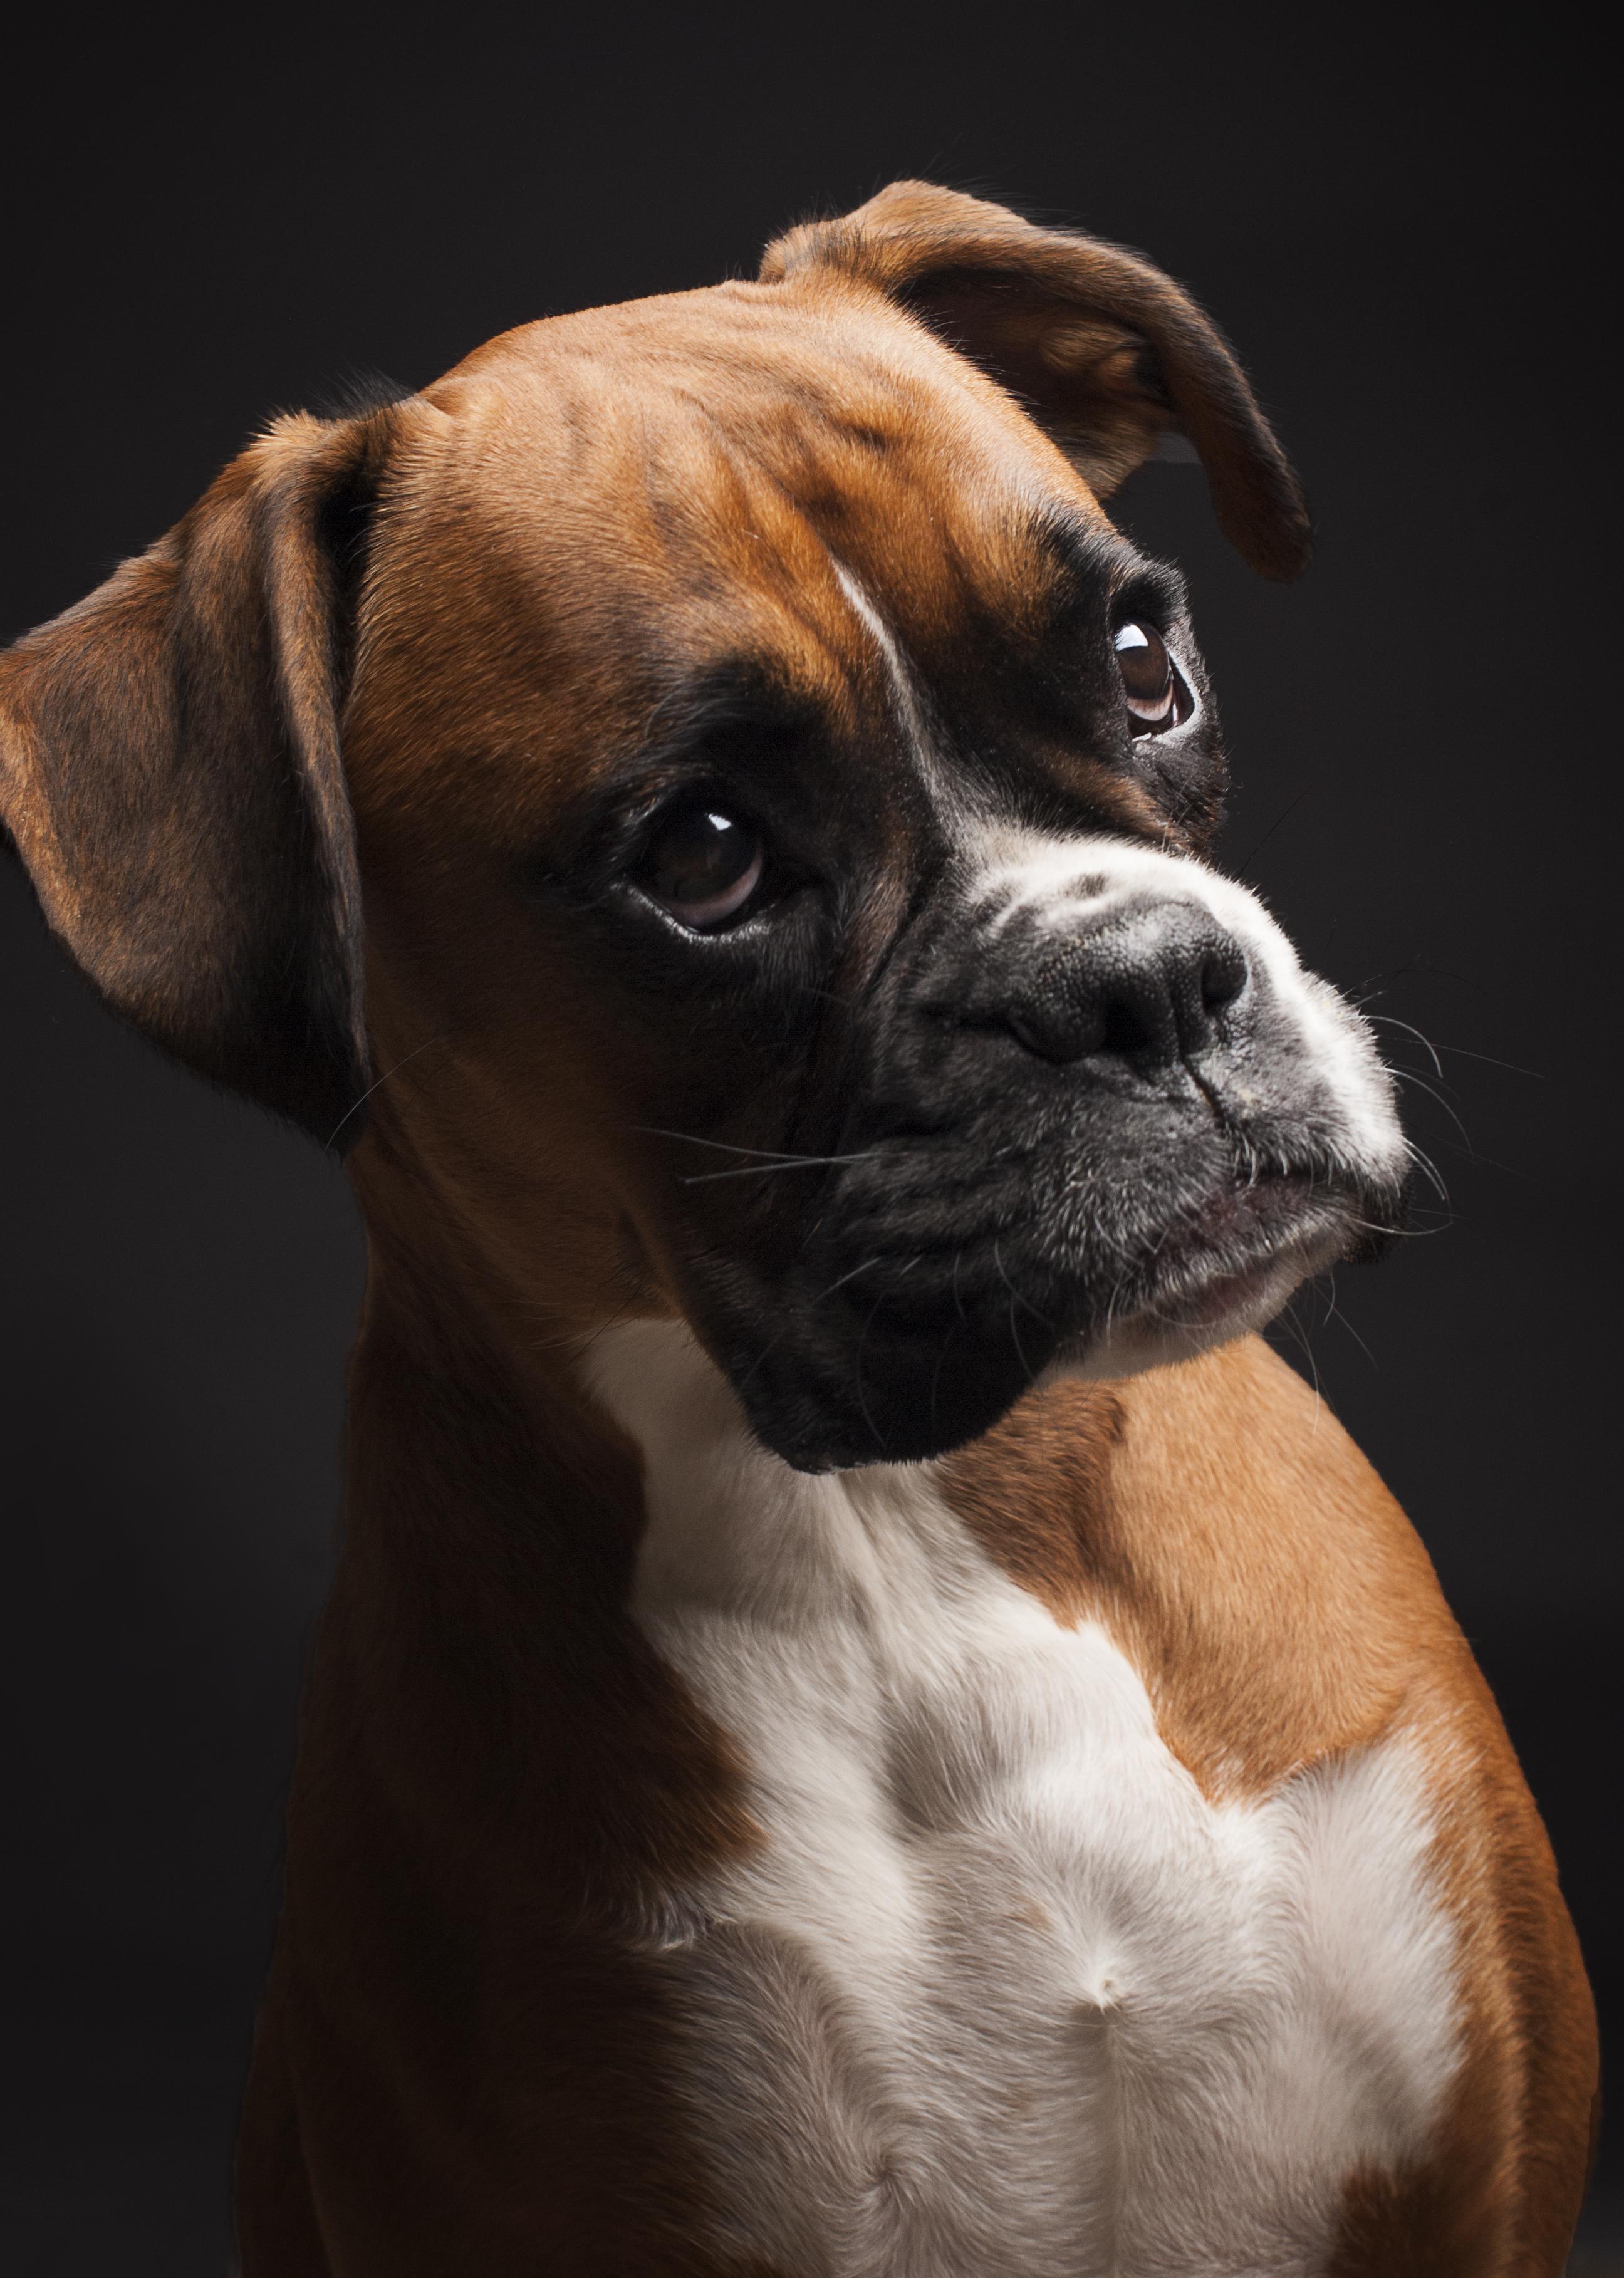 Portrait boxer dog photo